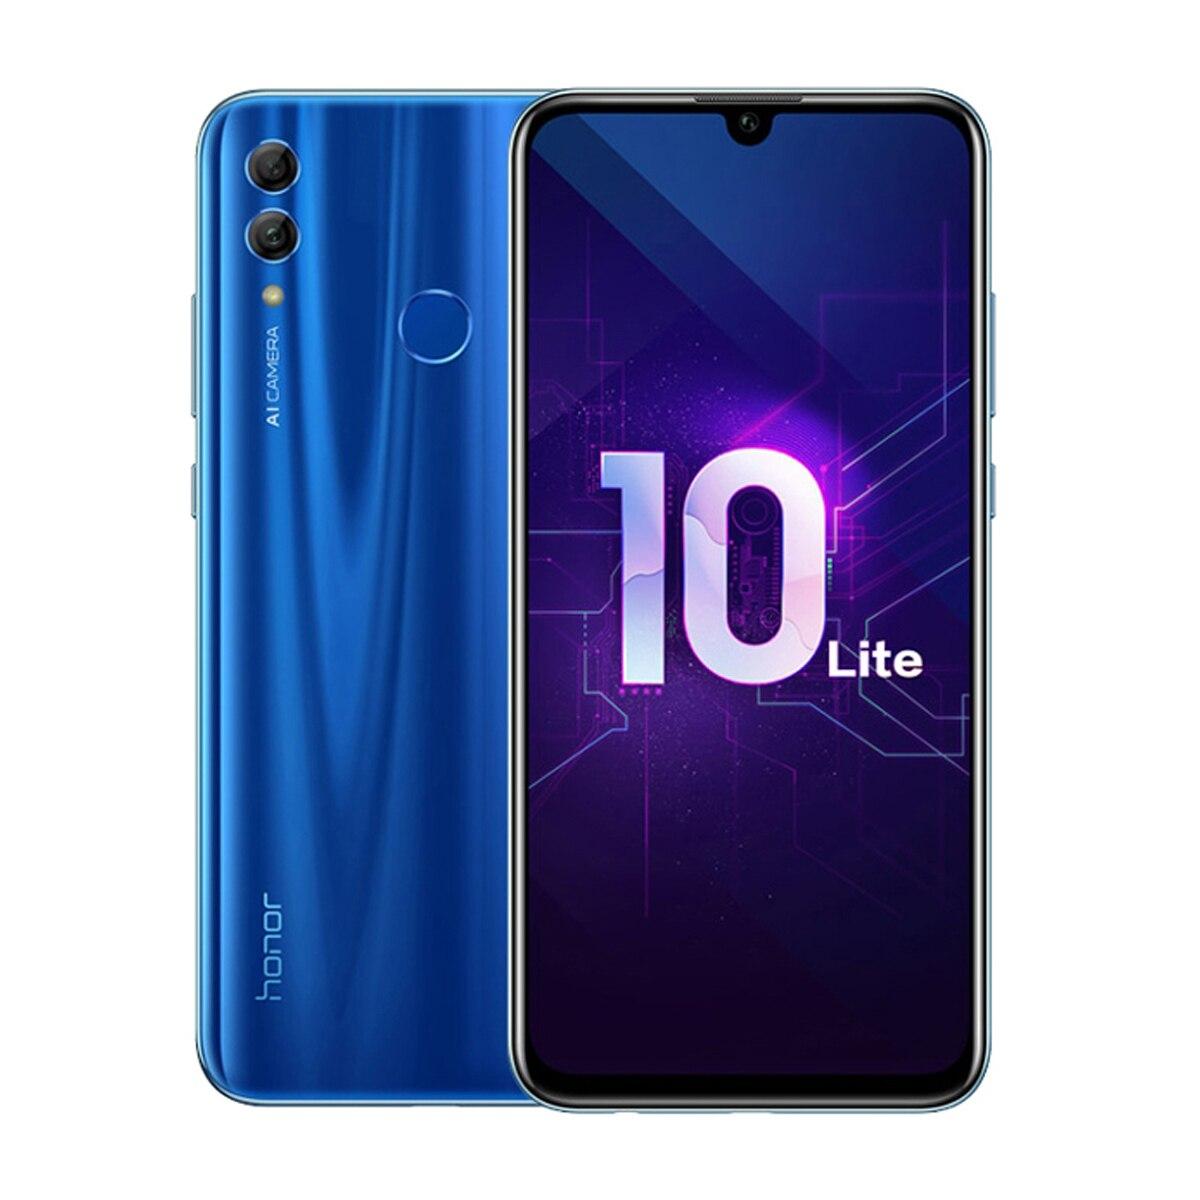 هاتف Huawei Honor 10 Lite الأصلي الإصدار العالمي هاتف ذكي 3GB 128GB 24MP AI كاميرا مزدوجة شاشة 6.2 بوصة 3400mAh Google Play OTA|الهواتف المحمولة| - AliExpress